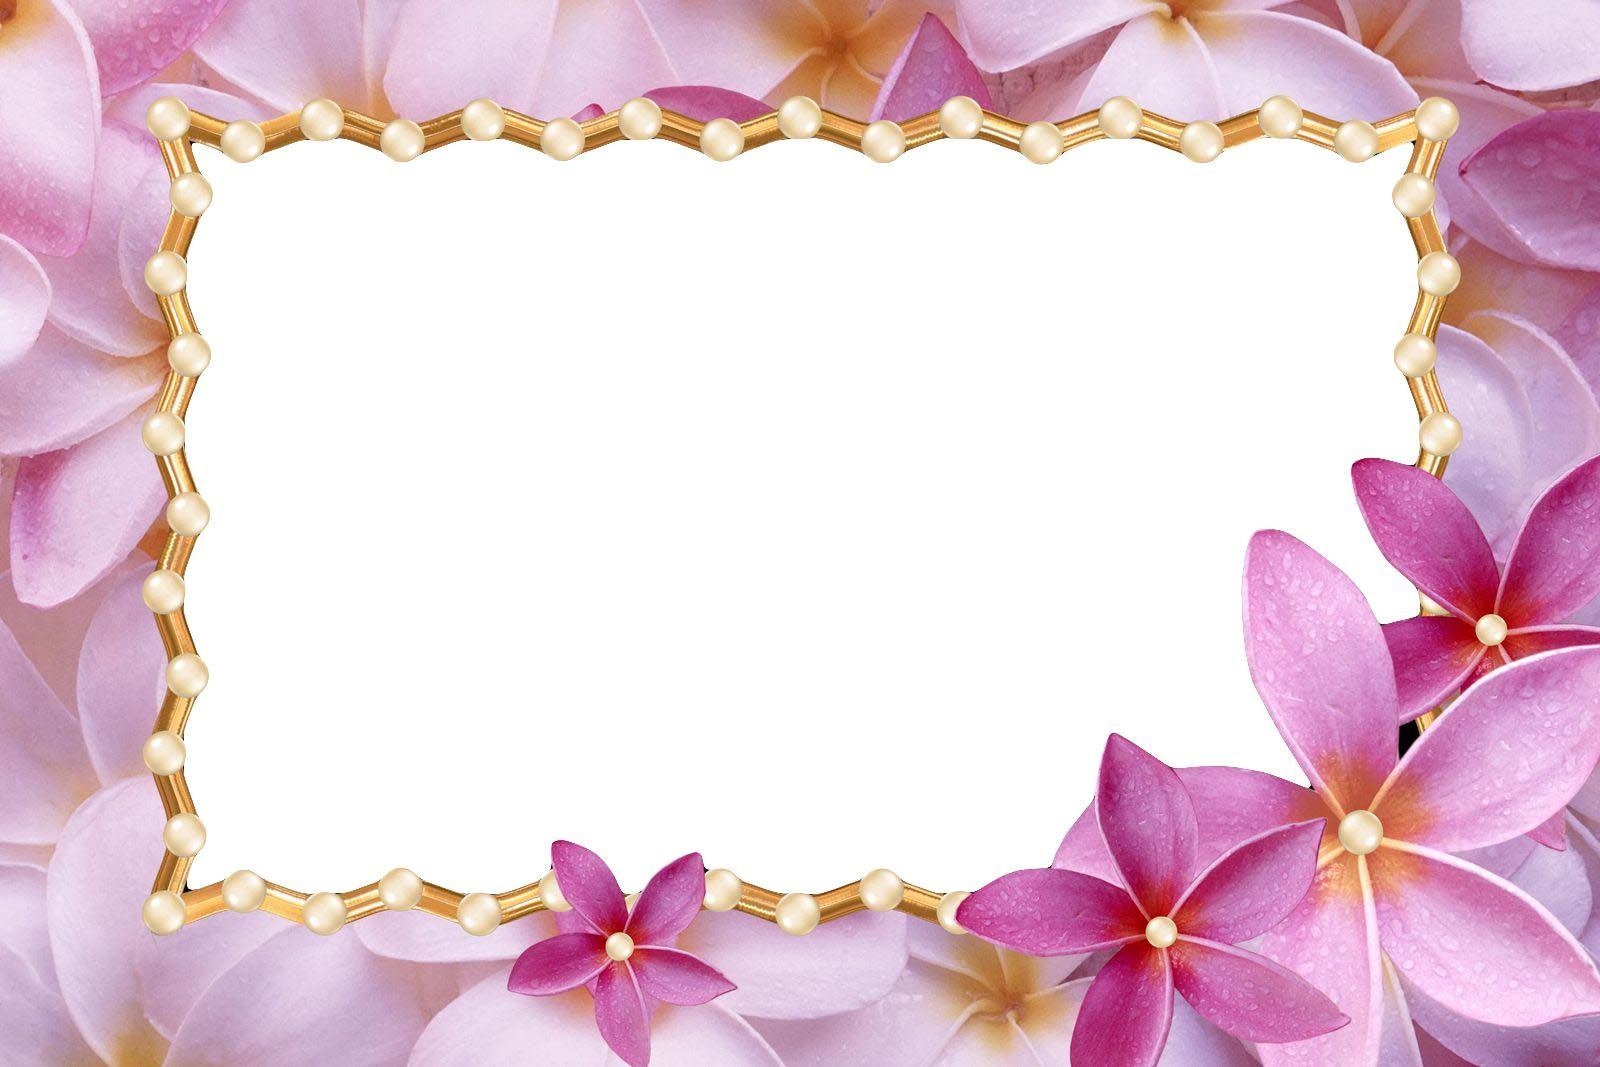 Pin by RT Digital Media Marketing on Frames | Flower frame